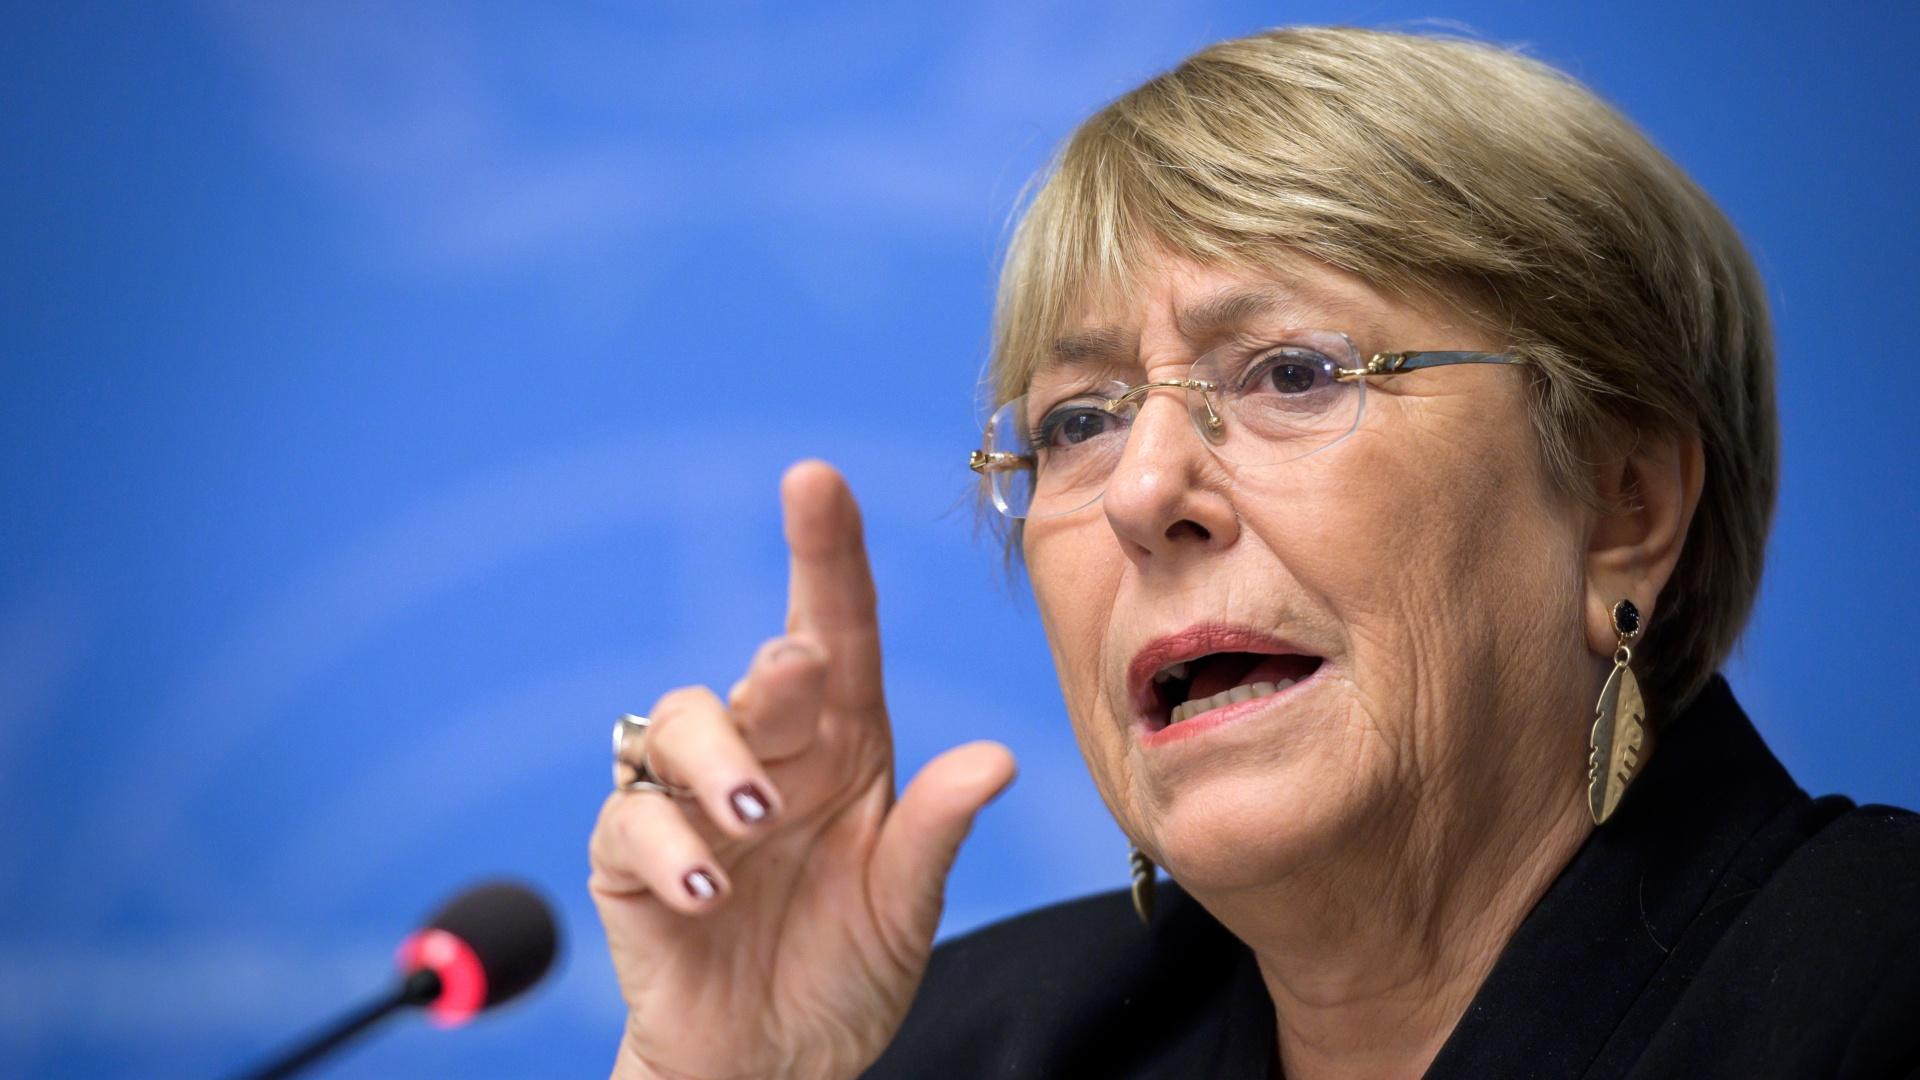 Bachelet reitera llamado a liberar los presos políticos en Venezuela